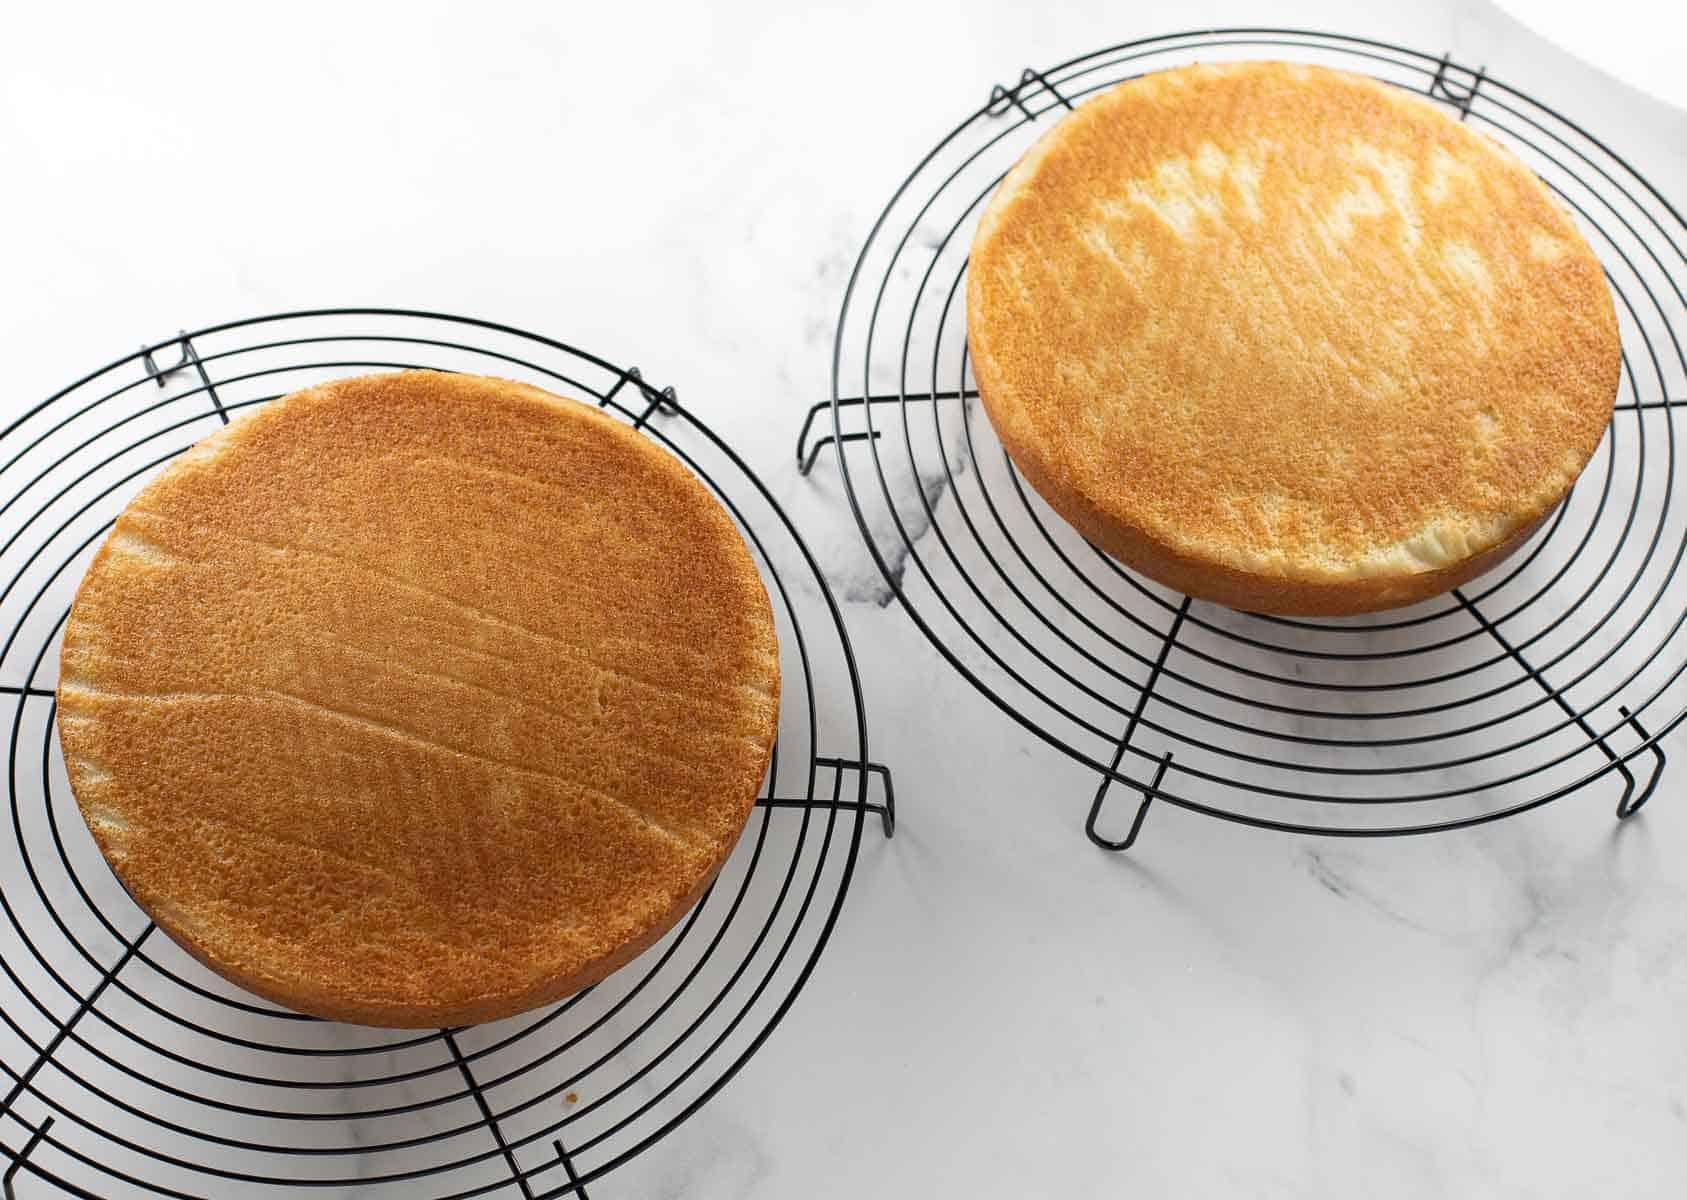 cake cooling on black cooling racks